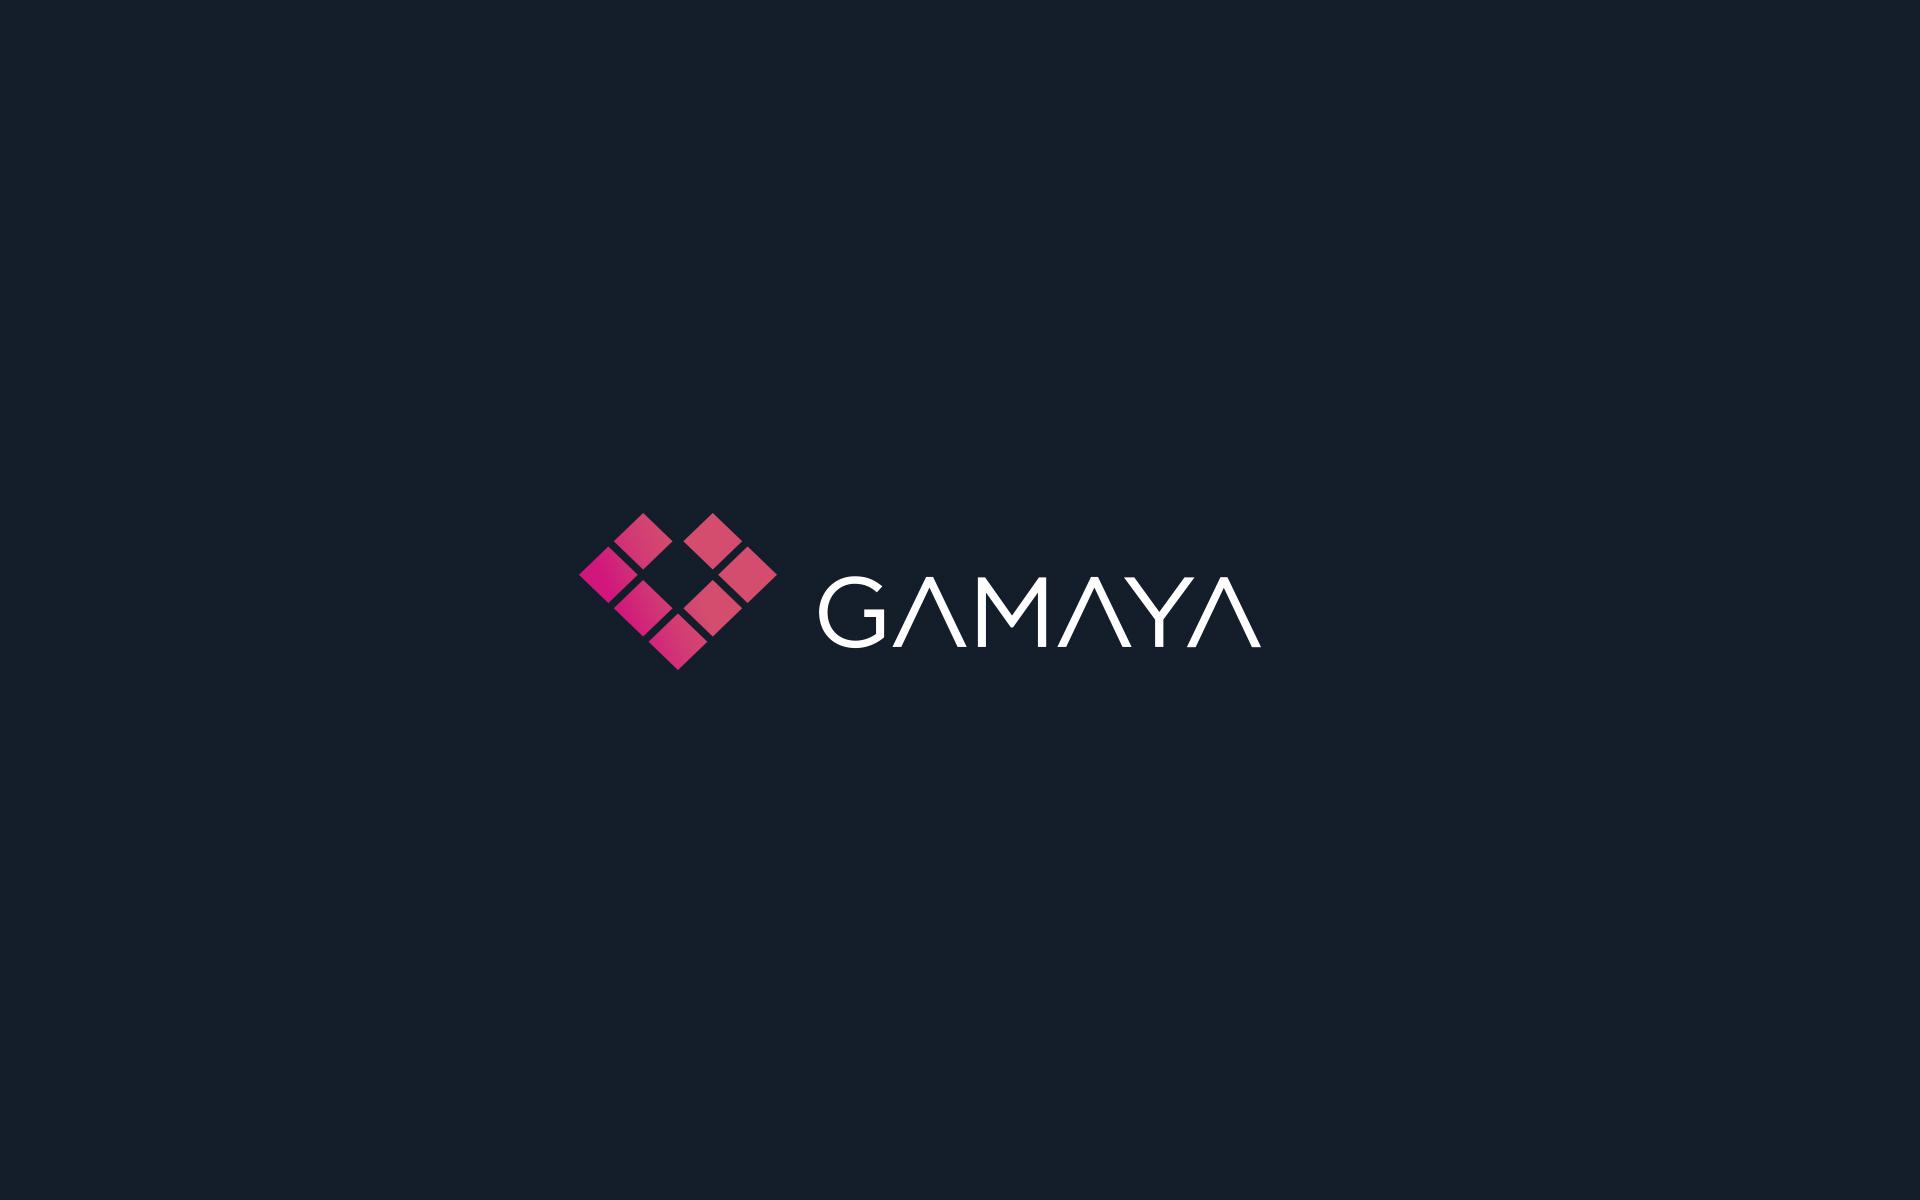 Разработка логотипа для компании Gamaya фото f_8435481d95d845de.jpg